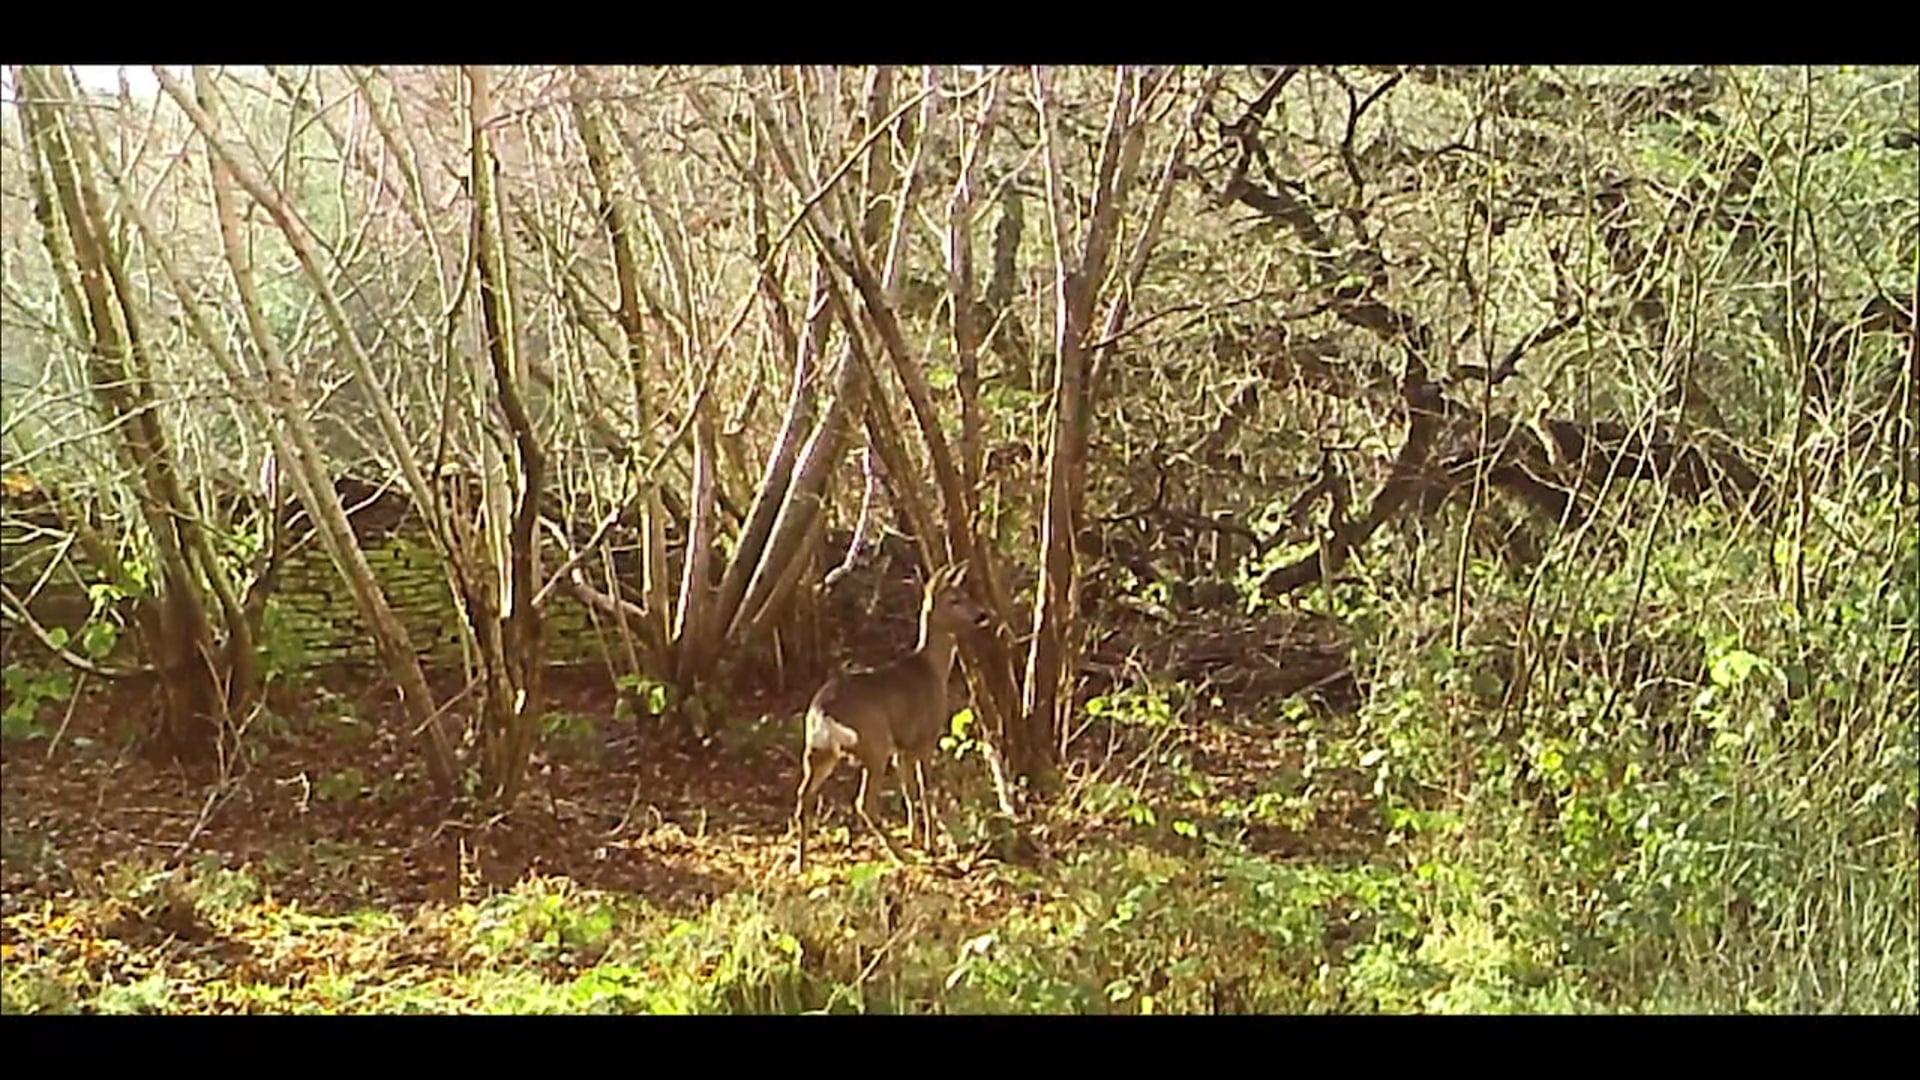 Trail Cam - Social Media